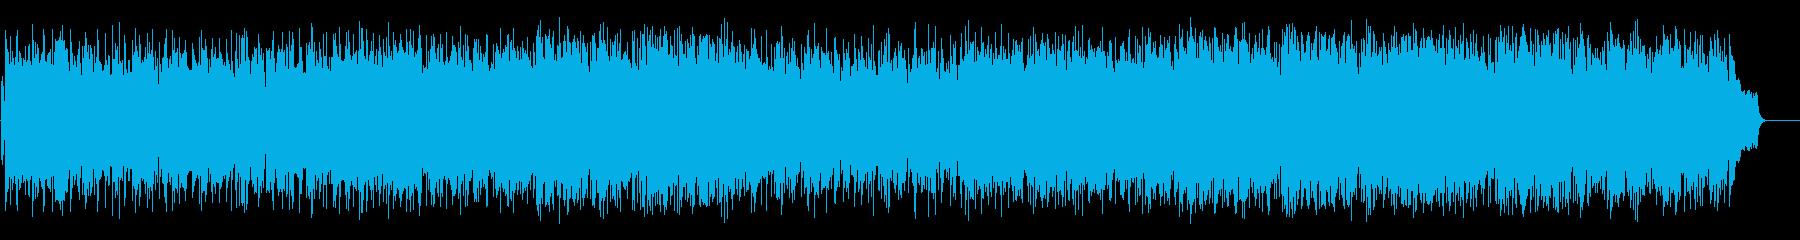 優しい陽射しのポップス(フルサイズ)の再生済みの波形